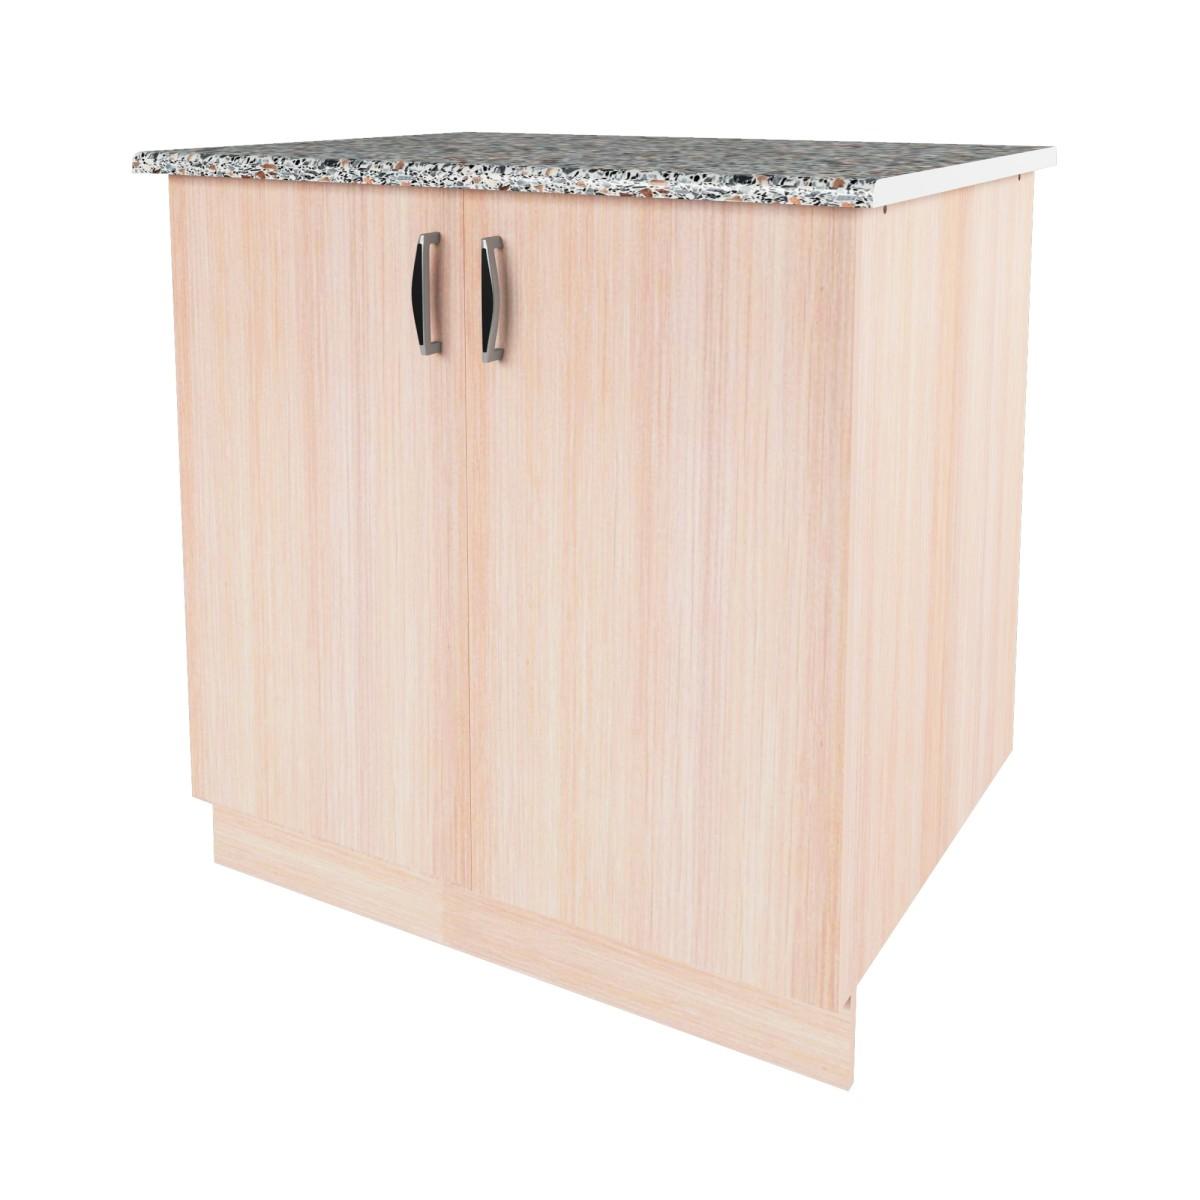 Шкаф напольный Дуб молочный См 86х80 см ЛДСП цвет дуб